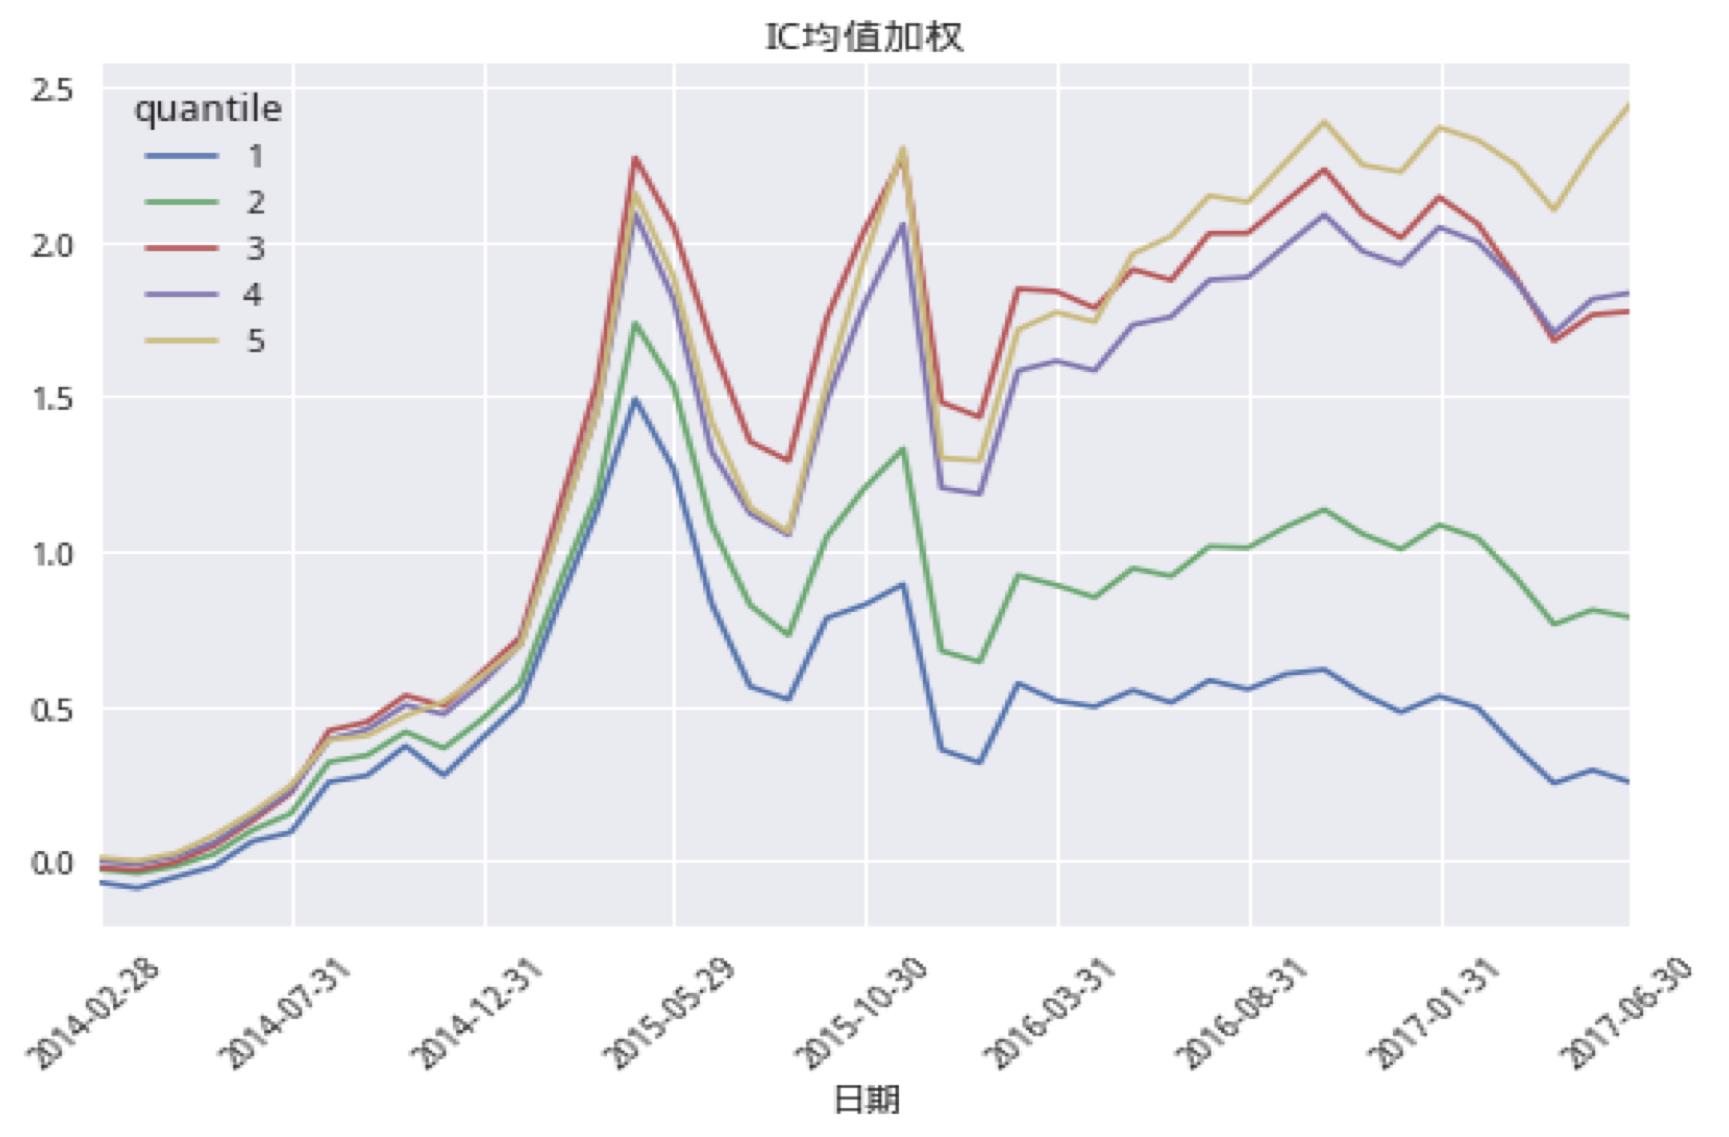 投资收益率计算_多因子权重优化方法比较 - 知乎